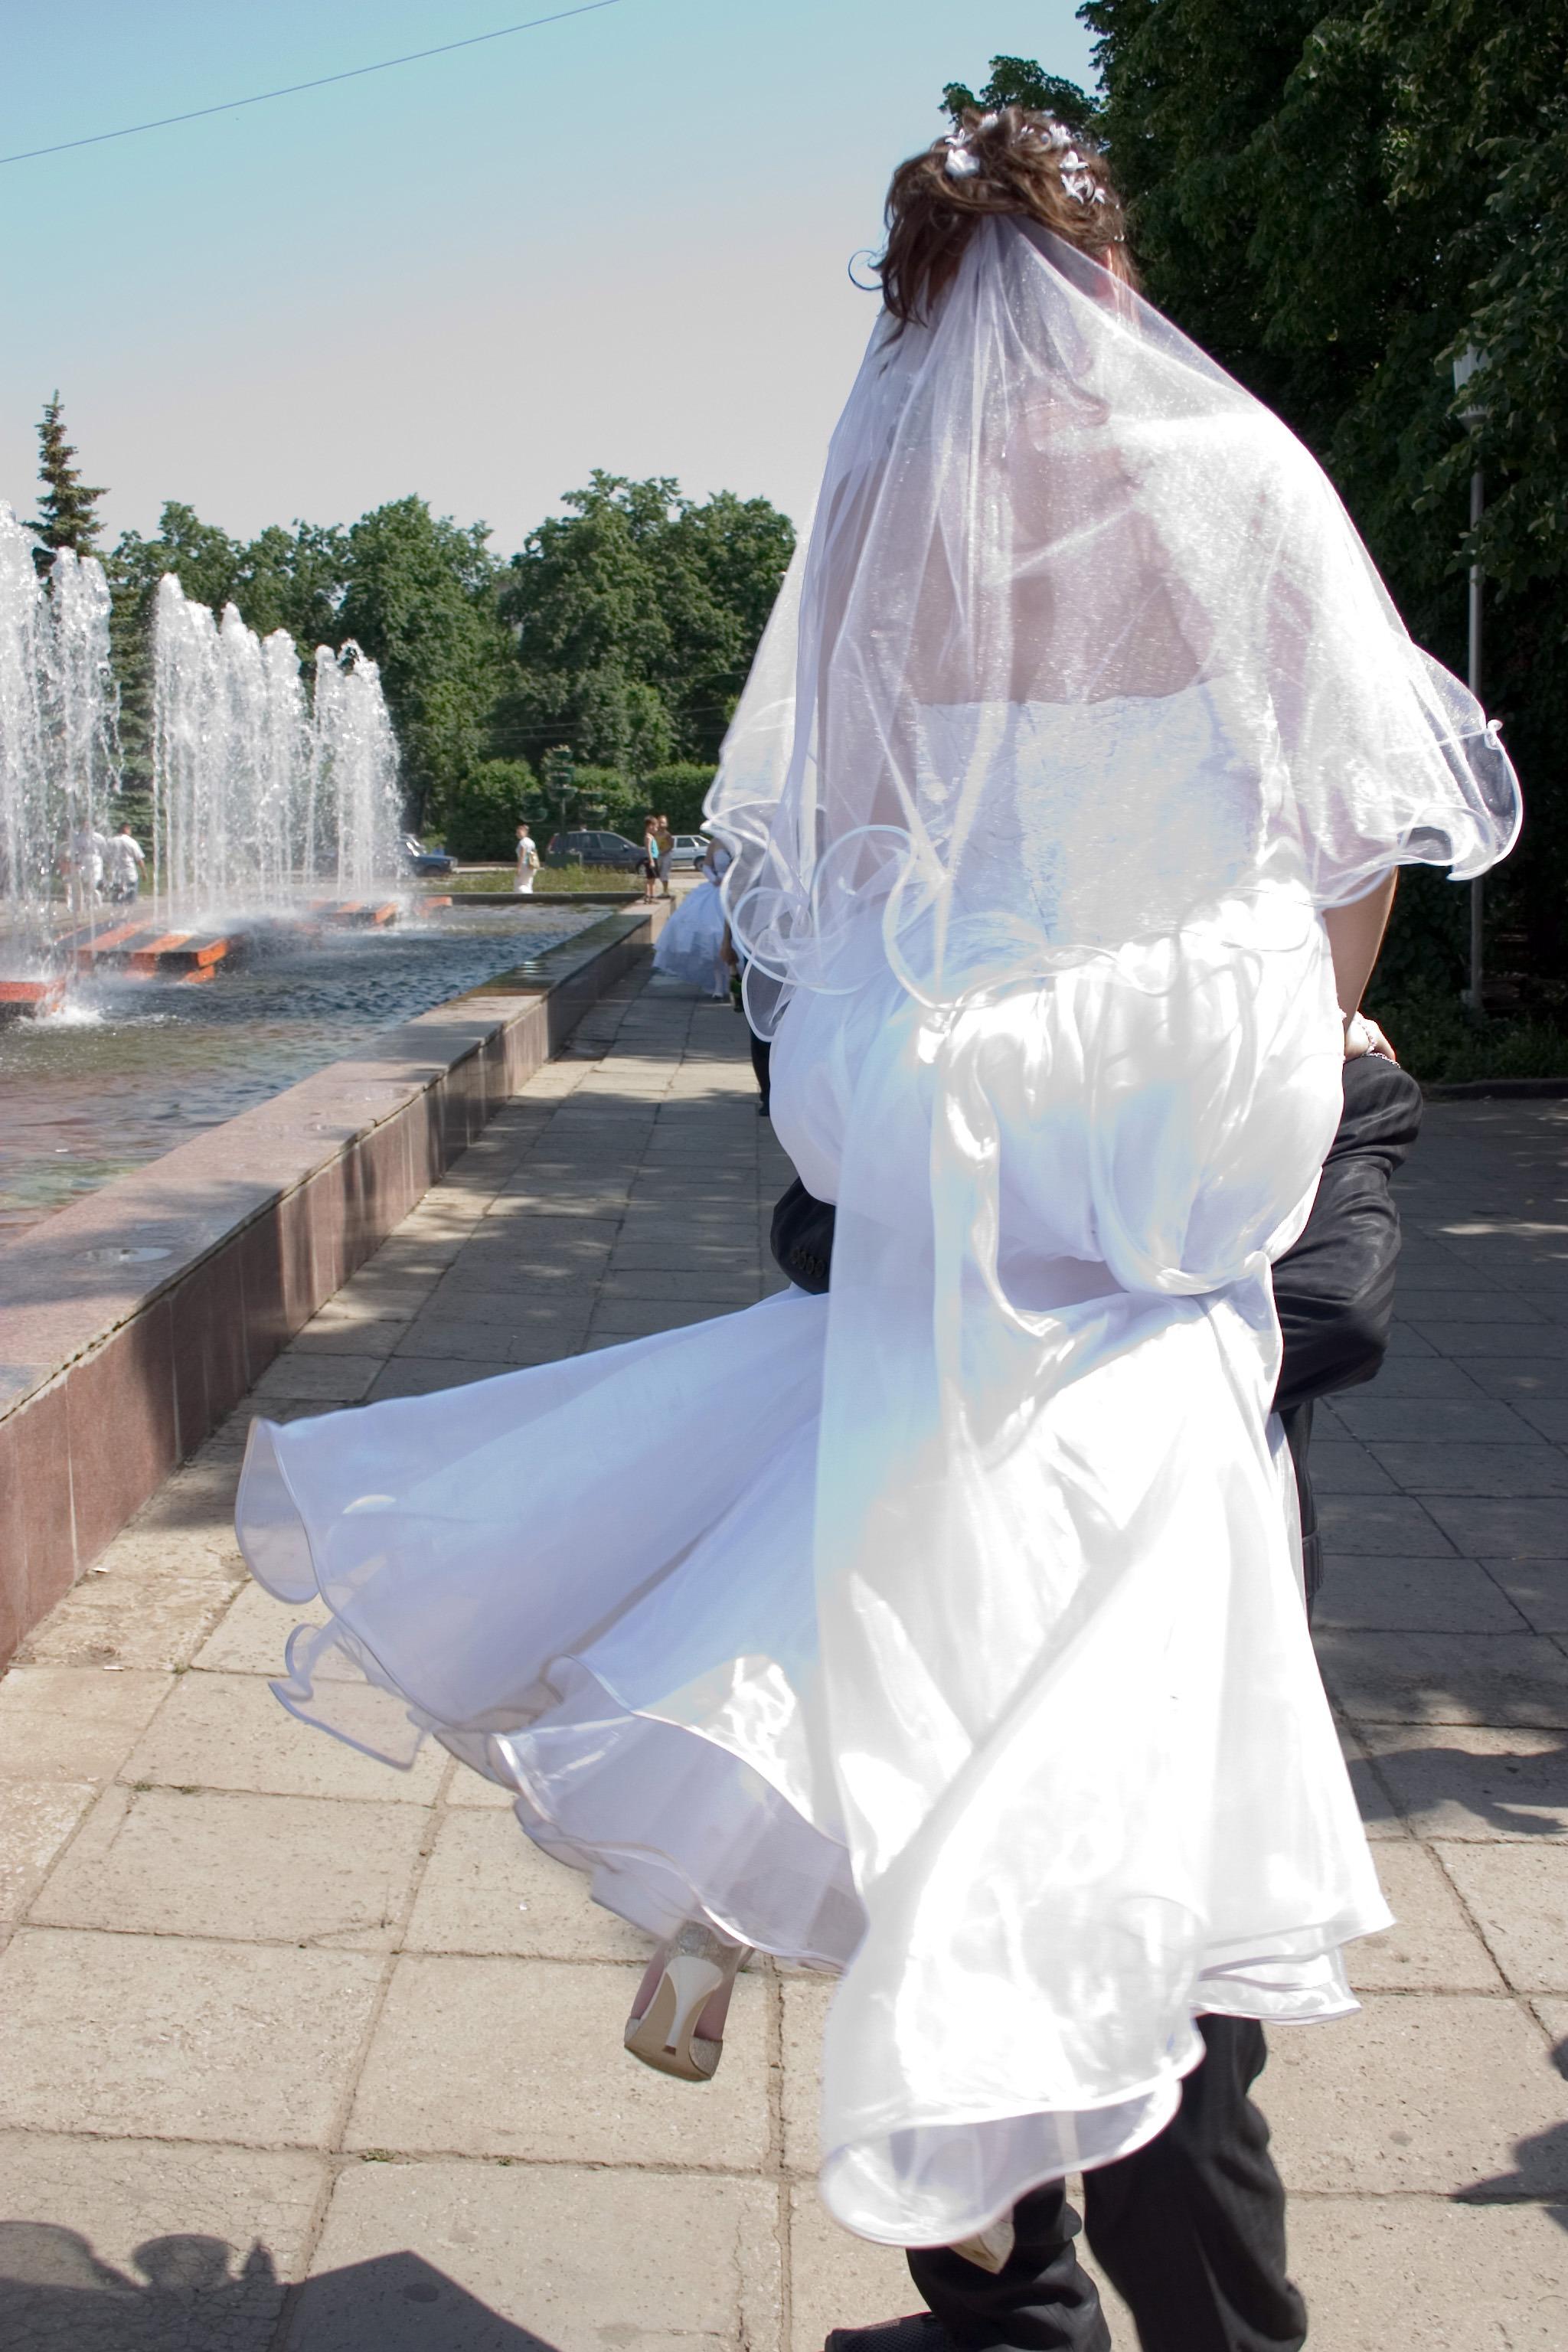 665d393c1eee biely odevy svadobné nevesta šaty fontána kostým talár závoj ženích na ruky  módny doplnok